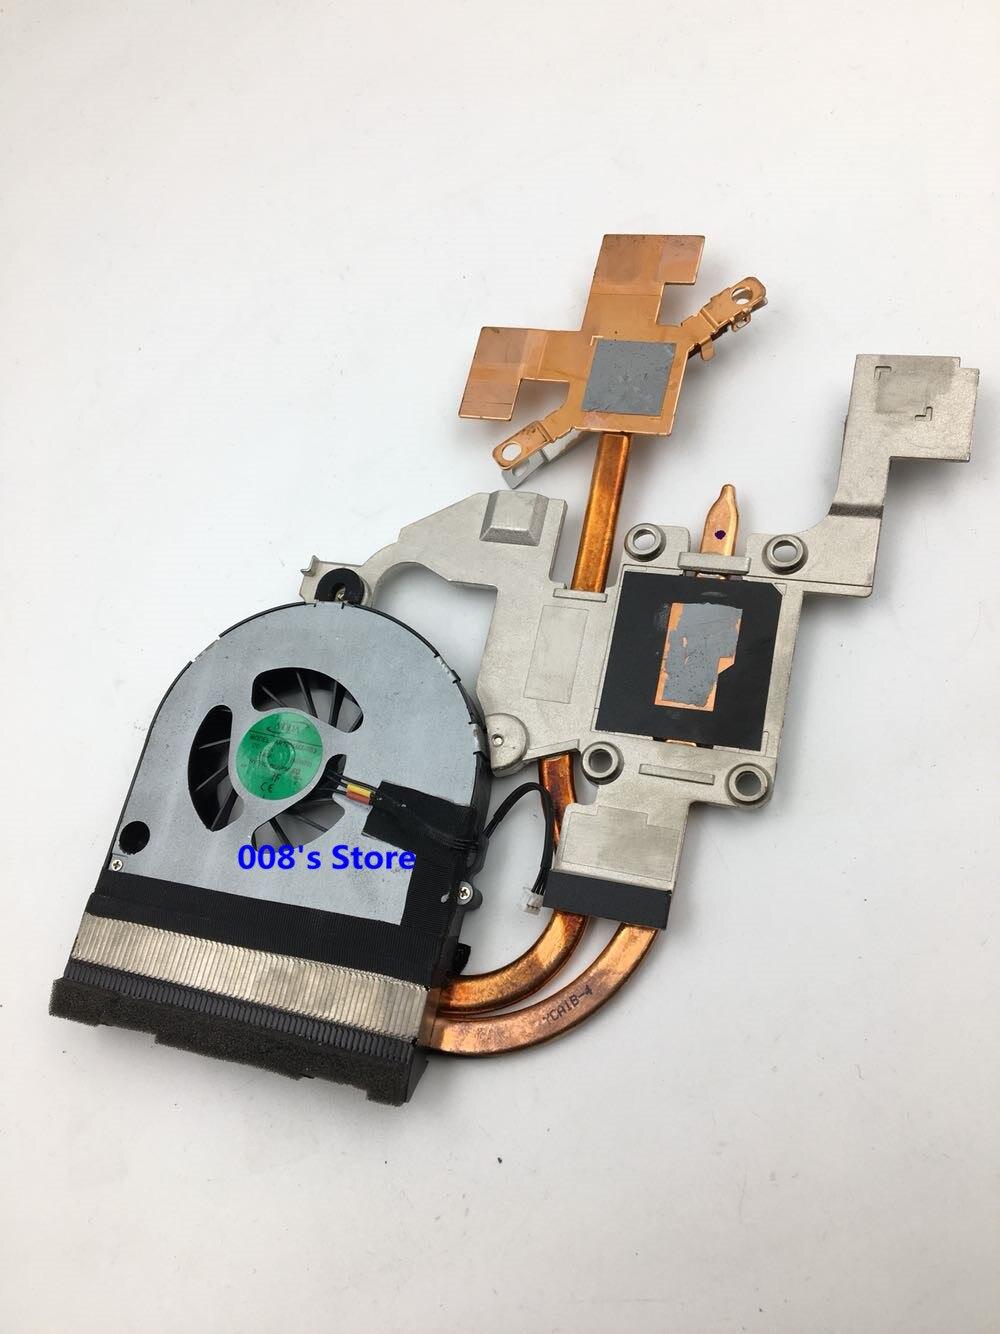 Кулер для процессора Acer Aspire 5741 5742 5741G 5741ZG 5551 5552 NV50A KSB06105HA K014, дискретный графический радиатор